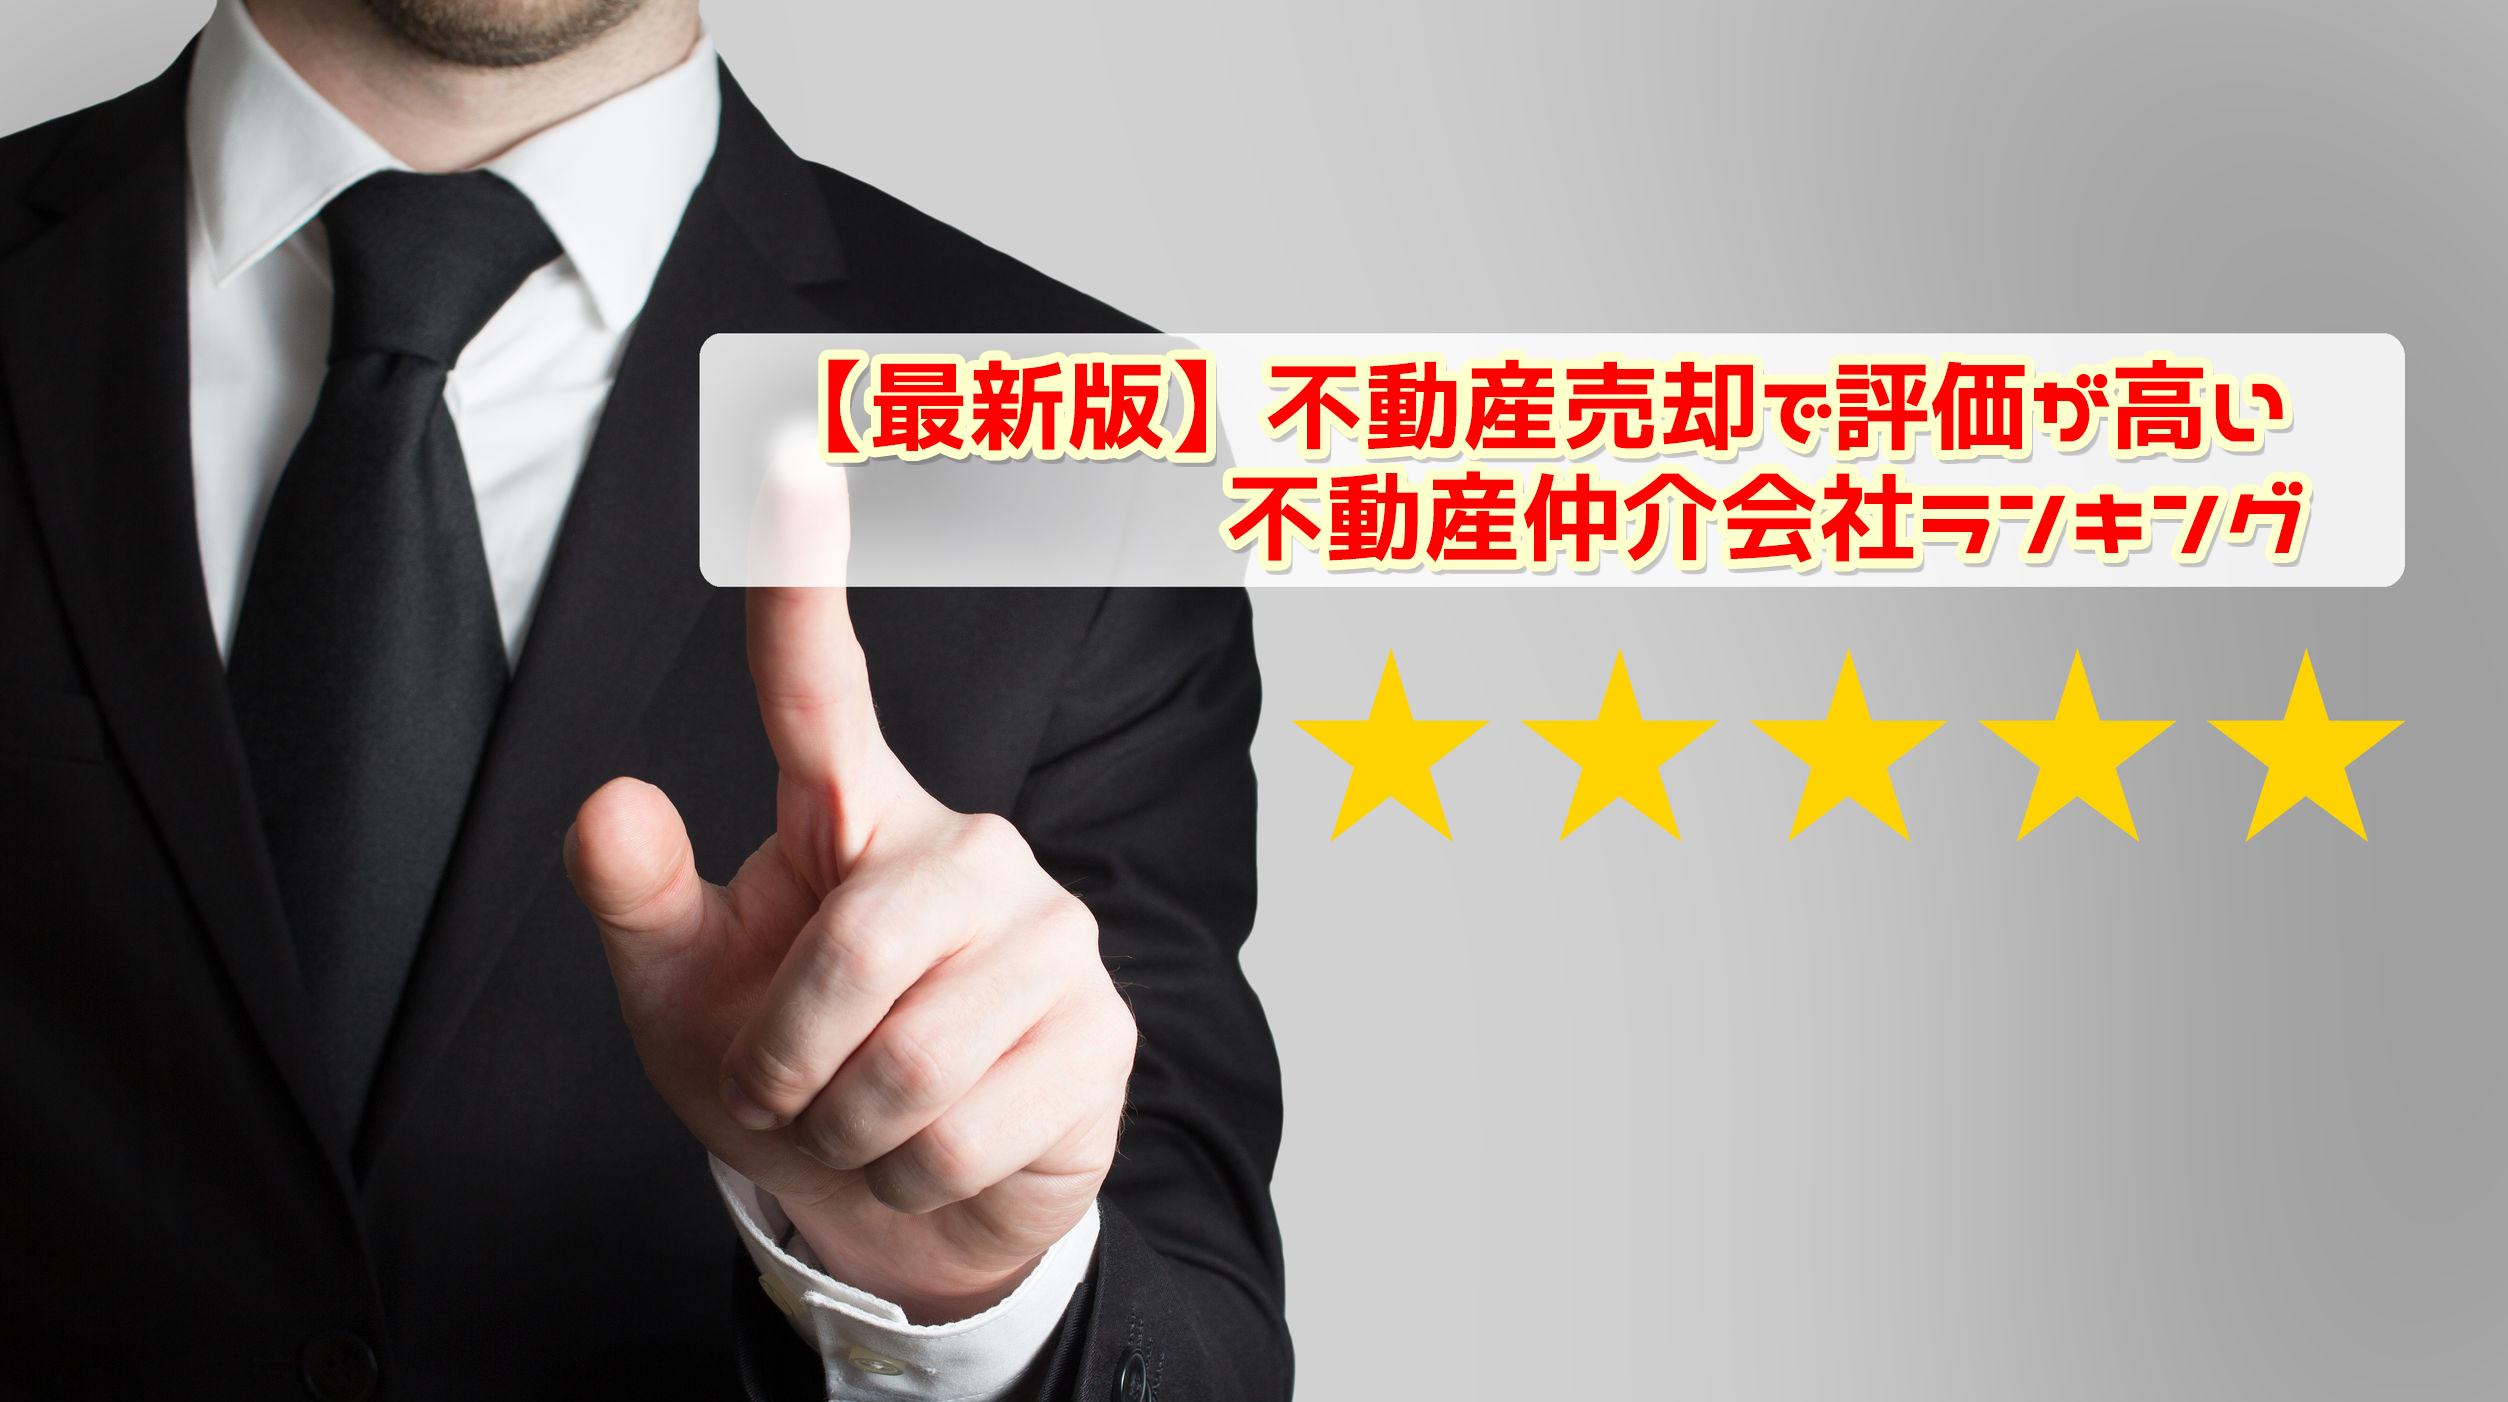 【最新版】不動産売却で評価が高い不動産仲介会社ランキング